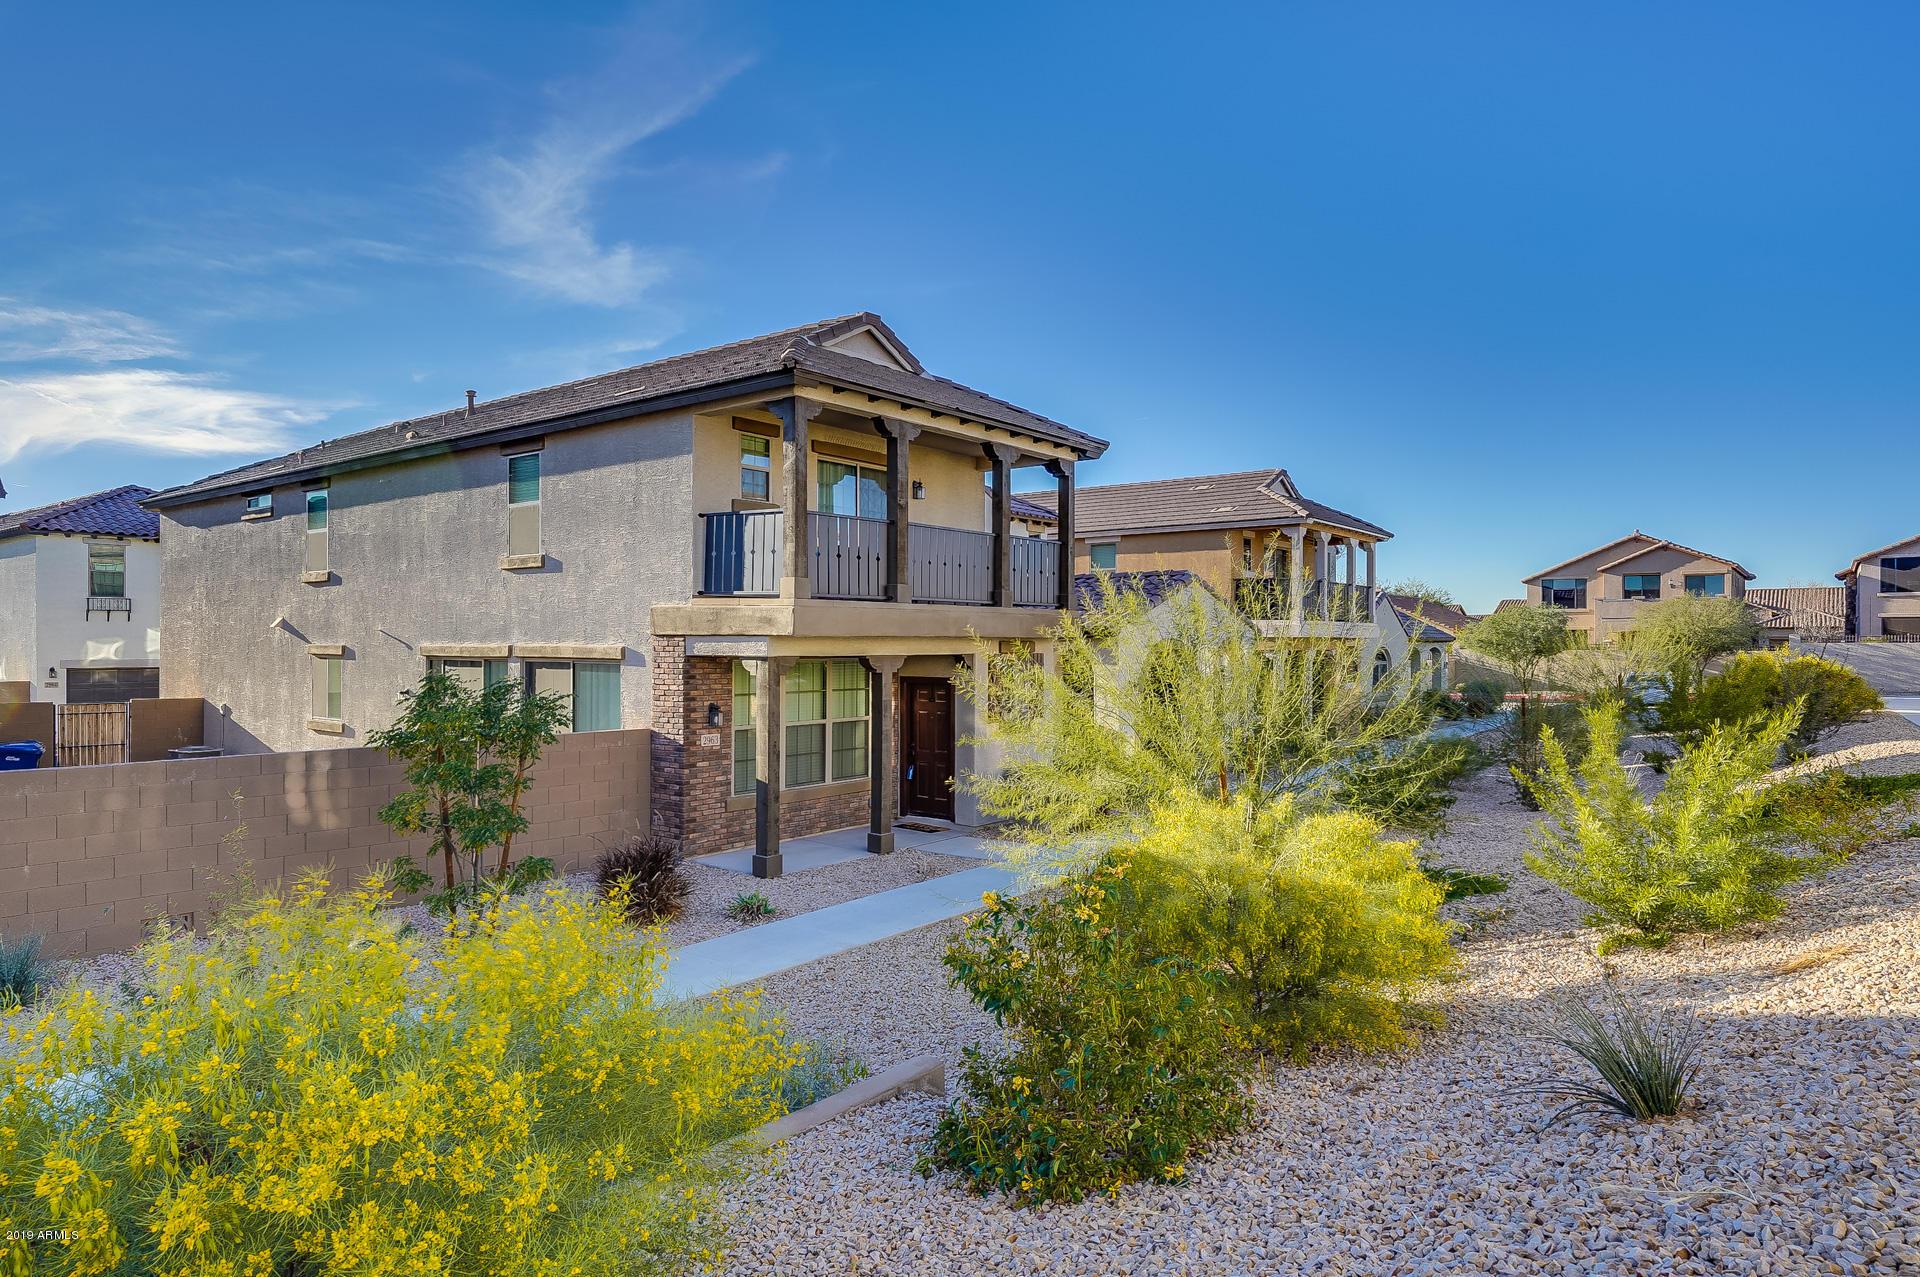 Photo of 2963 N SONORAN HILLS --, Mesa, AZ 85207